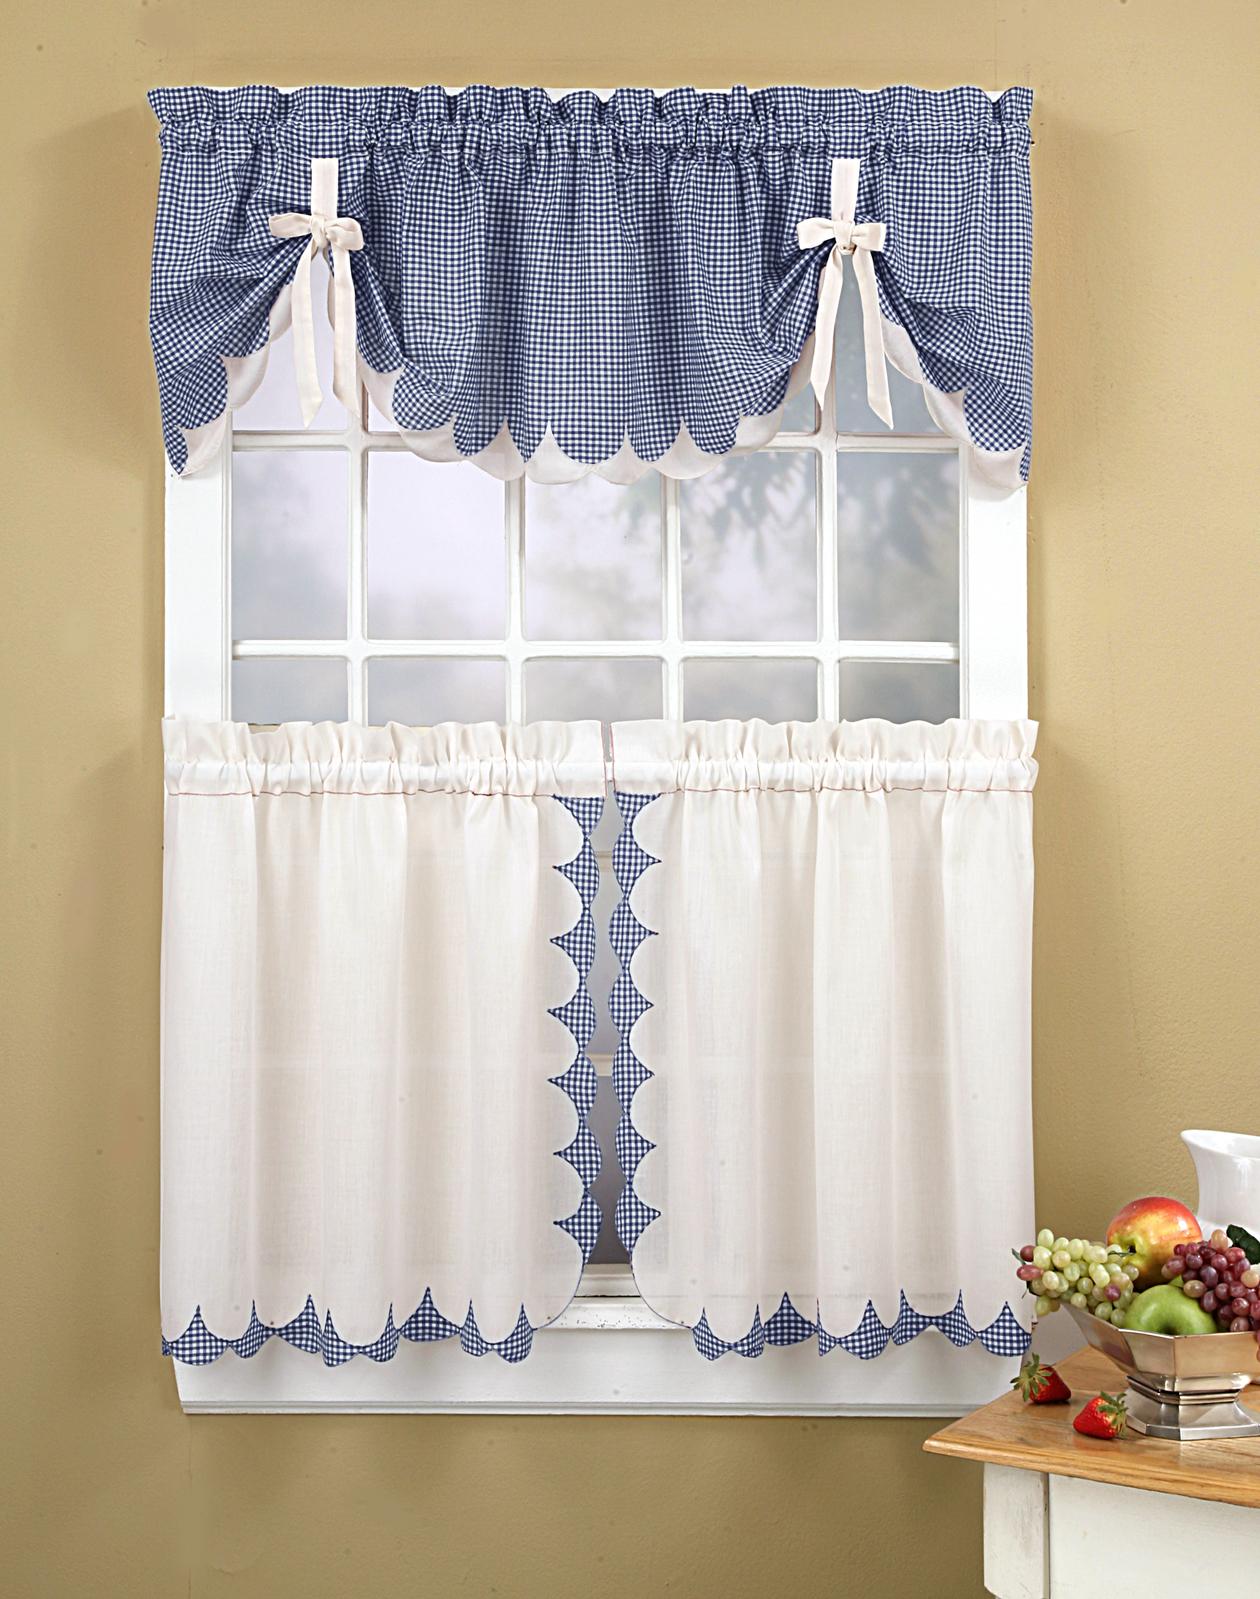 tie up kitchen curtains photo - 1